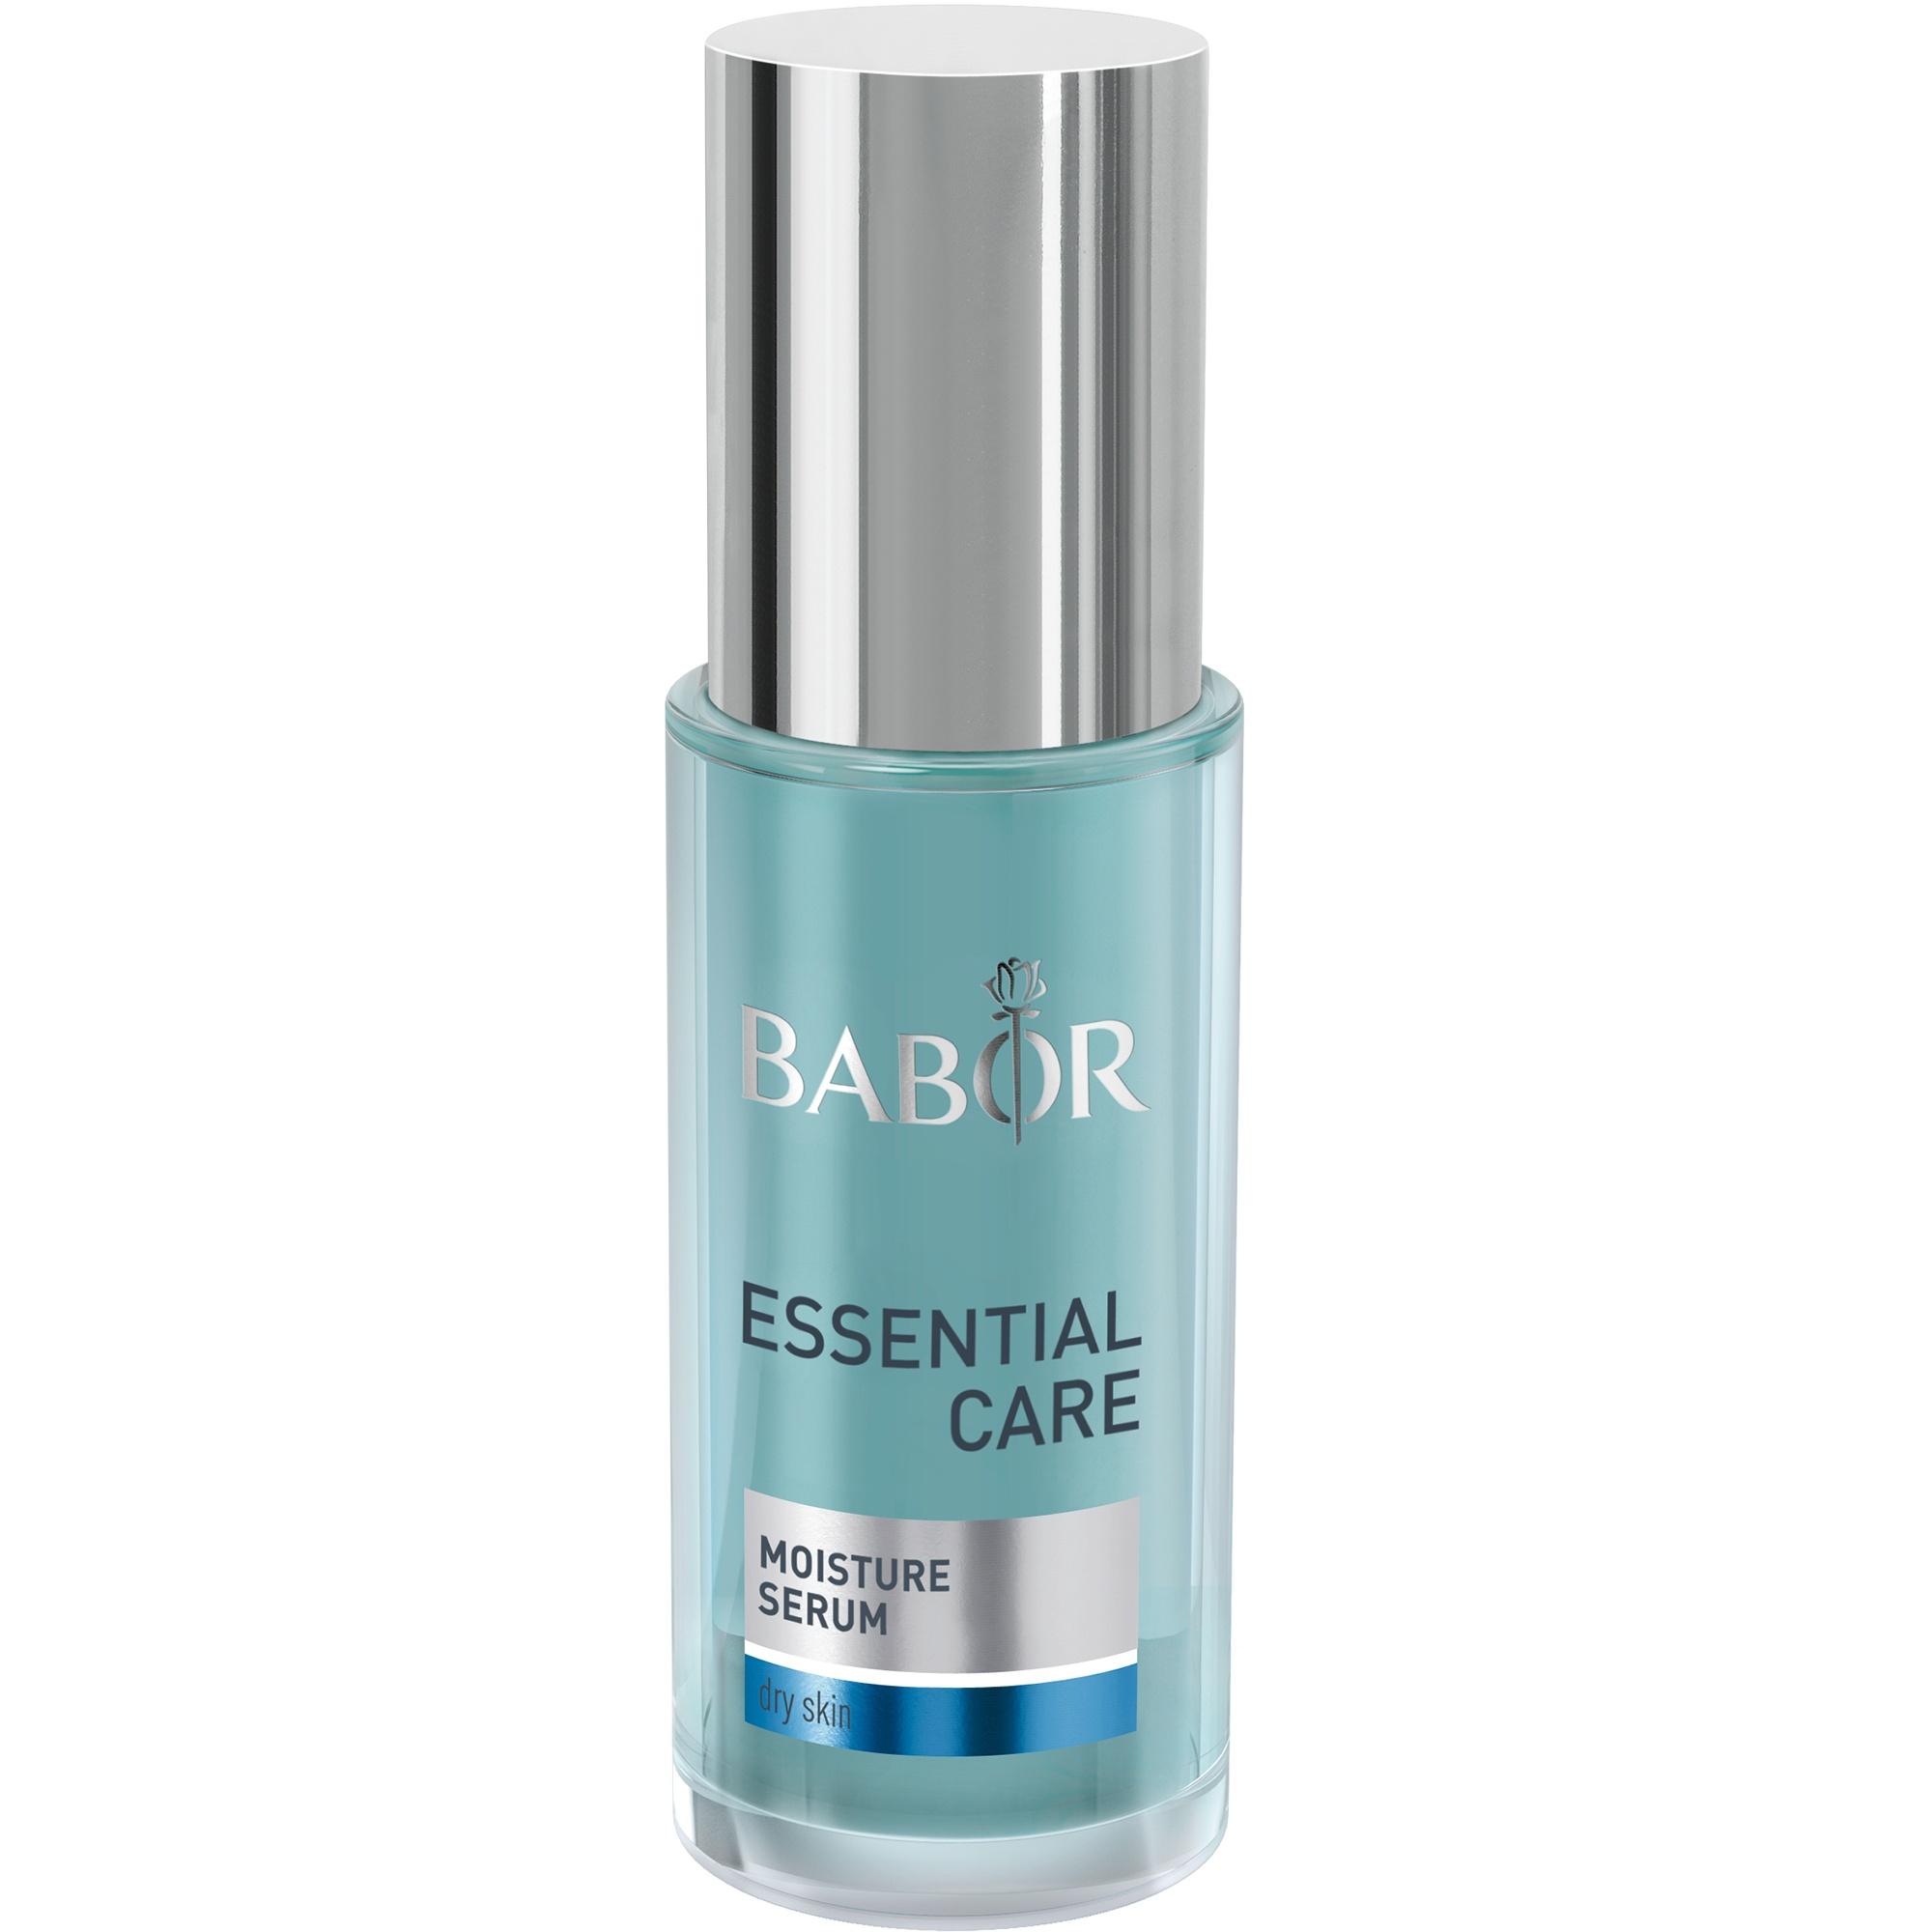 Essential Care Moisture Serum 50ml